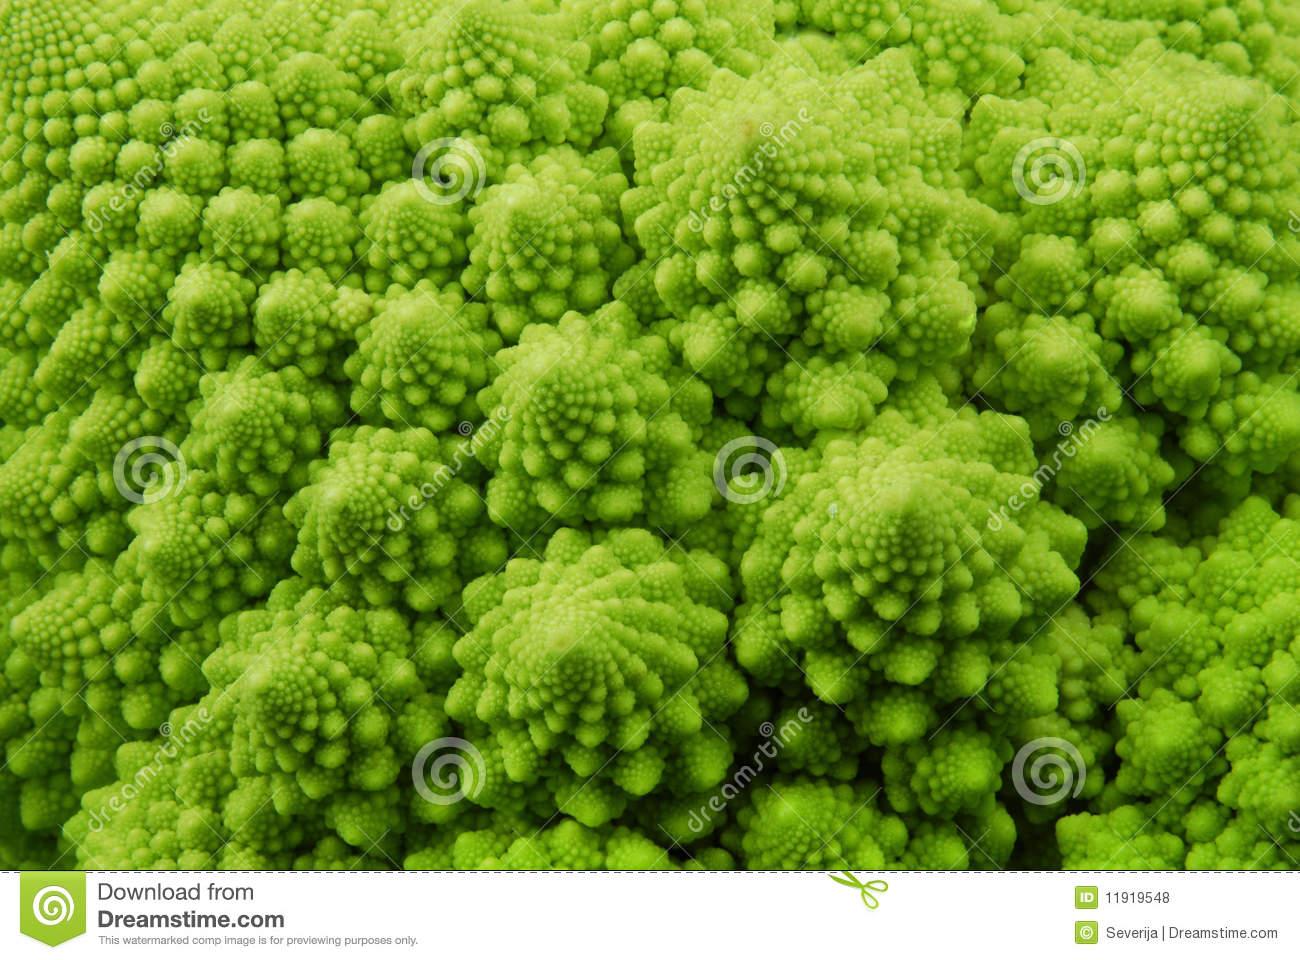 Romanesco Broccoli Royalty Free Stock Photos.